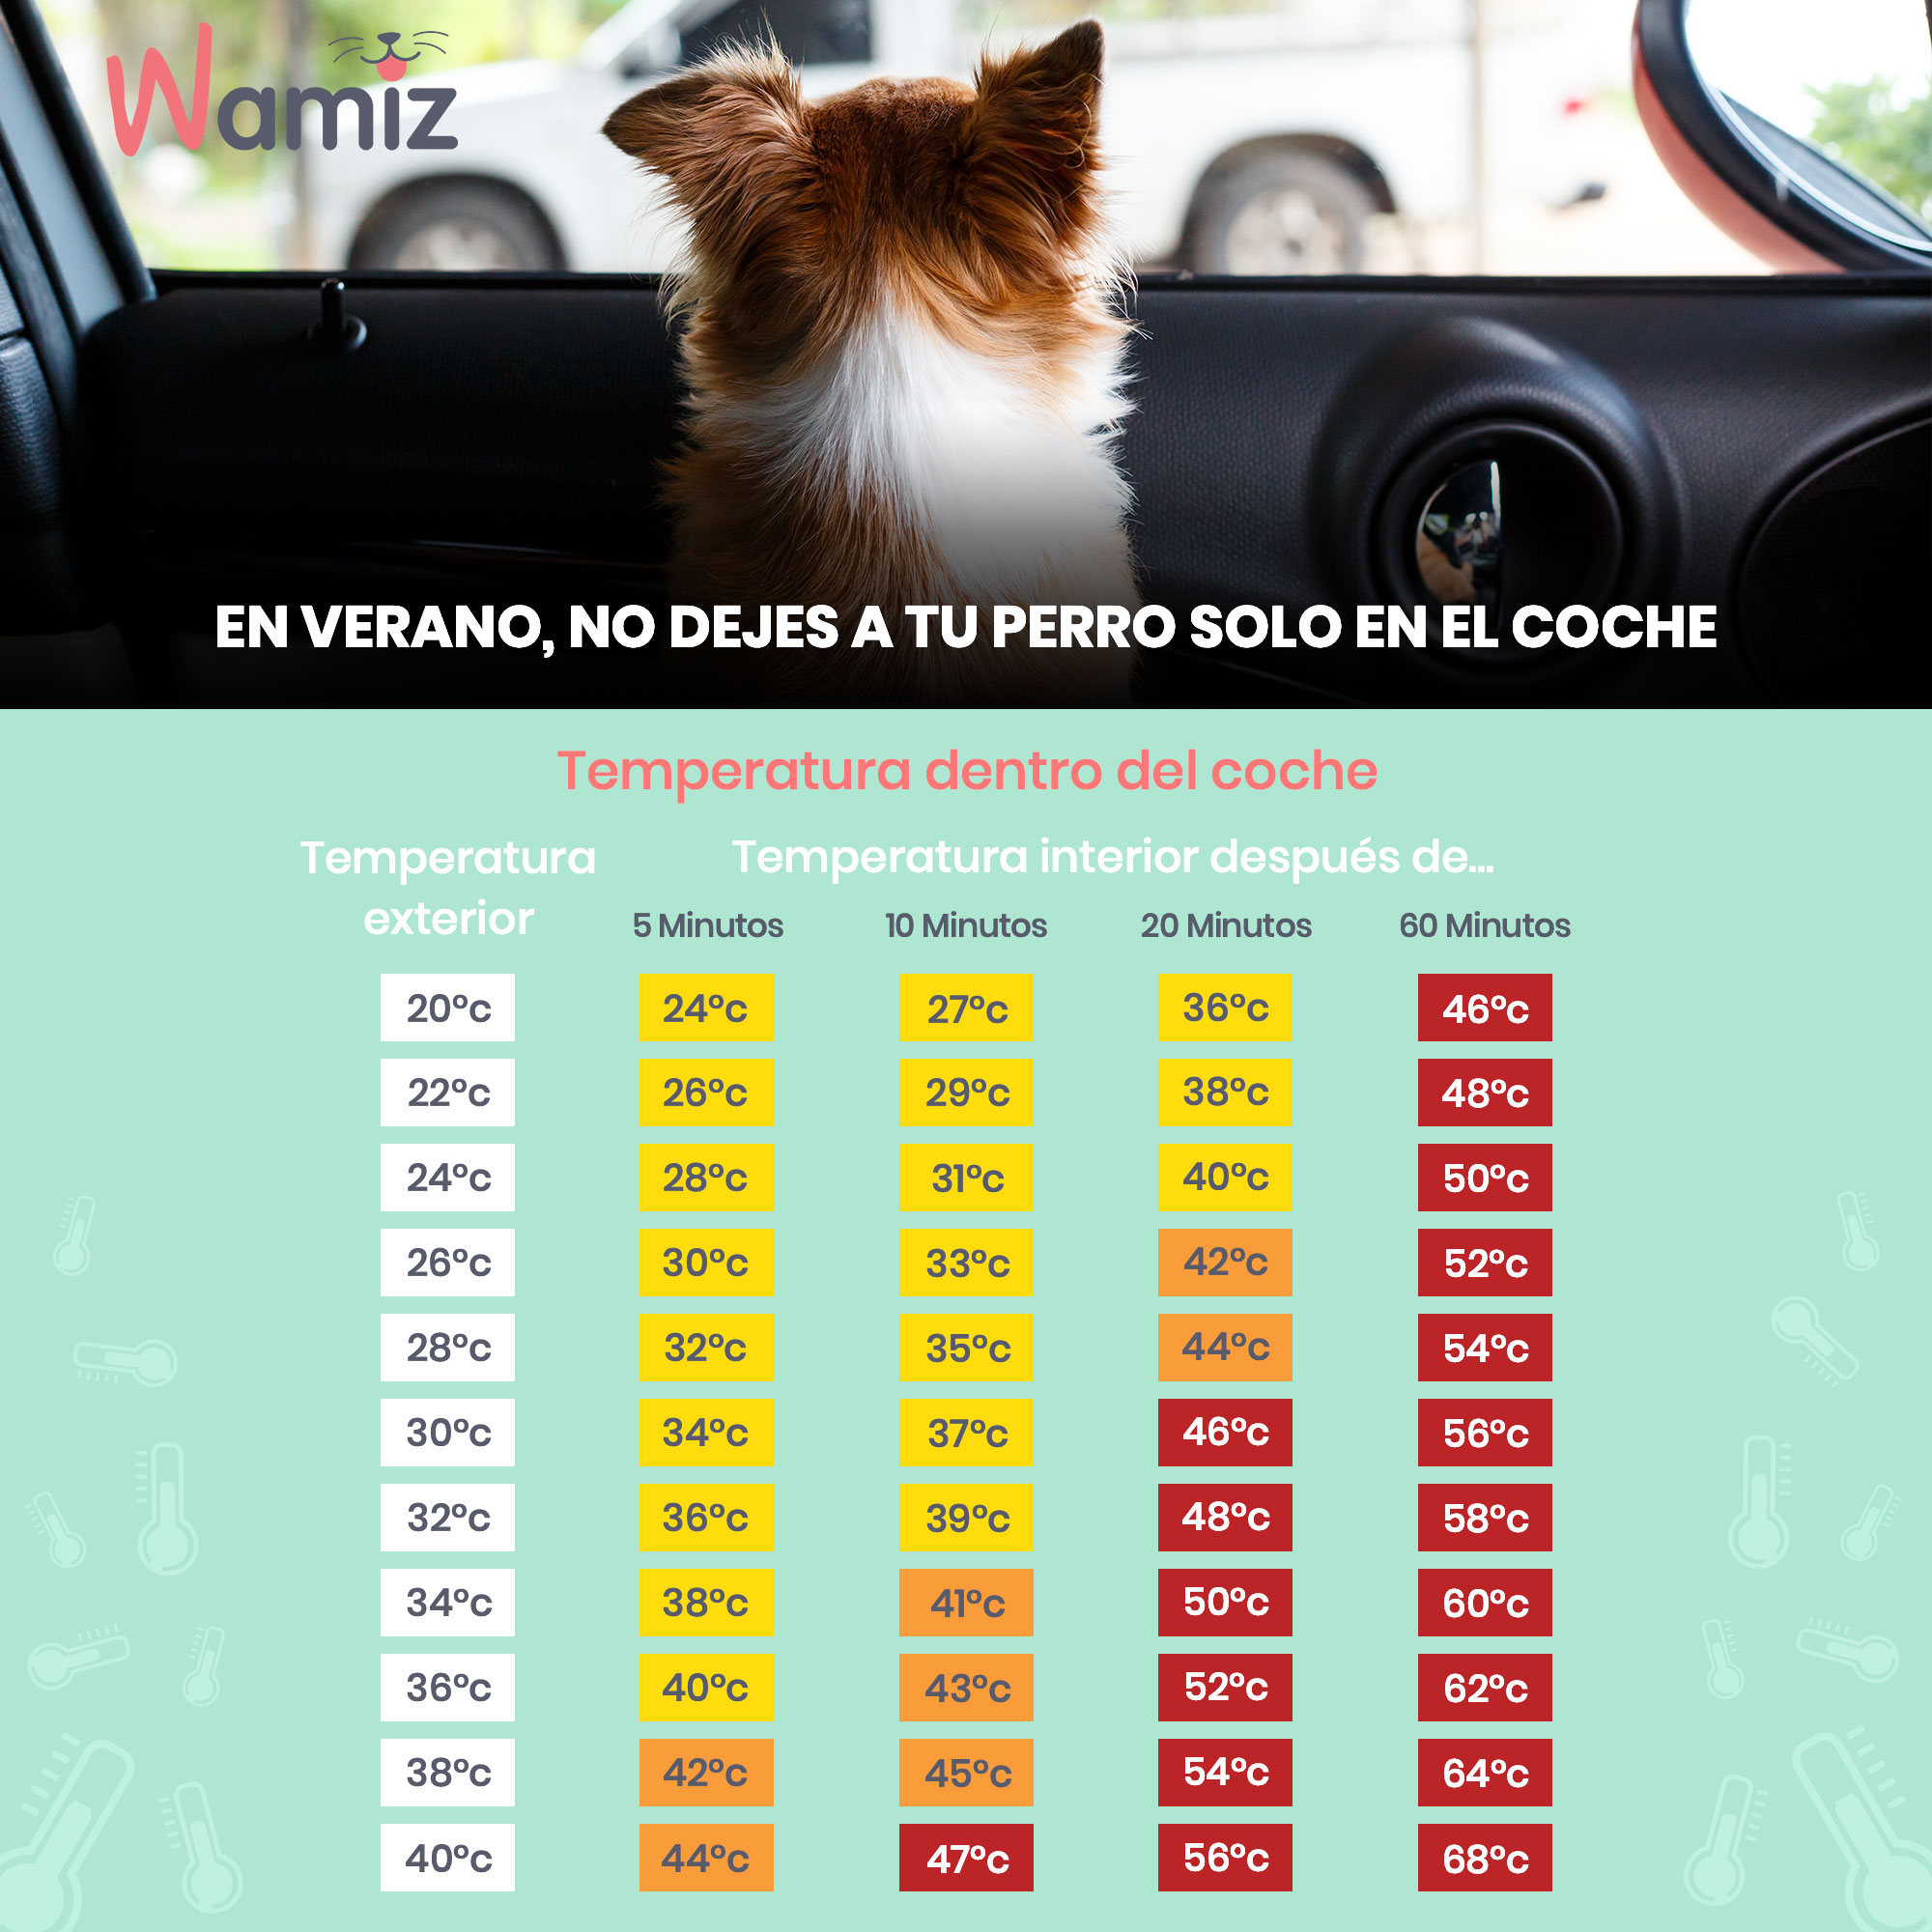 temperatura dentro del coche en verano